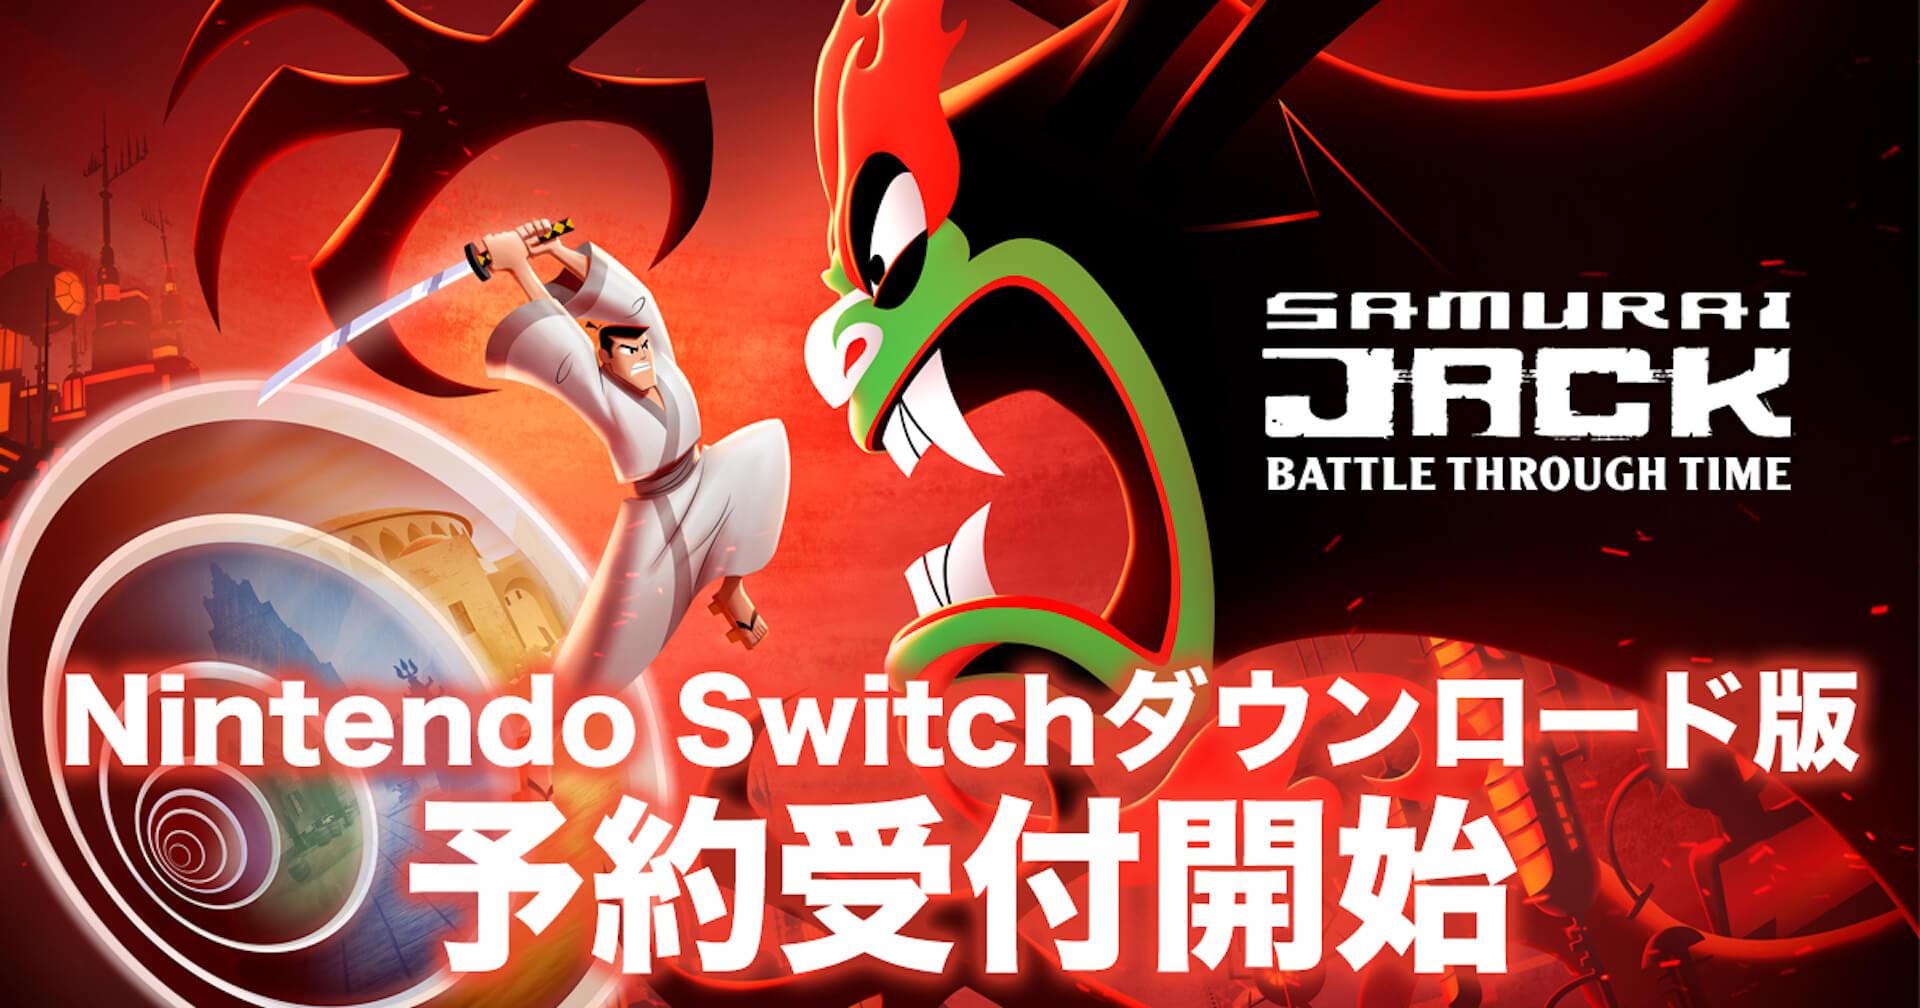 アクションRPG『サムライジャック:時空の戦い』Nintendo Switchダウンロード版の予約受付が開始!アニメ『サムライ ジャック』も特別放送決定 tech201217_samuraijack_zikunotatakai_1